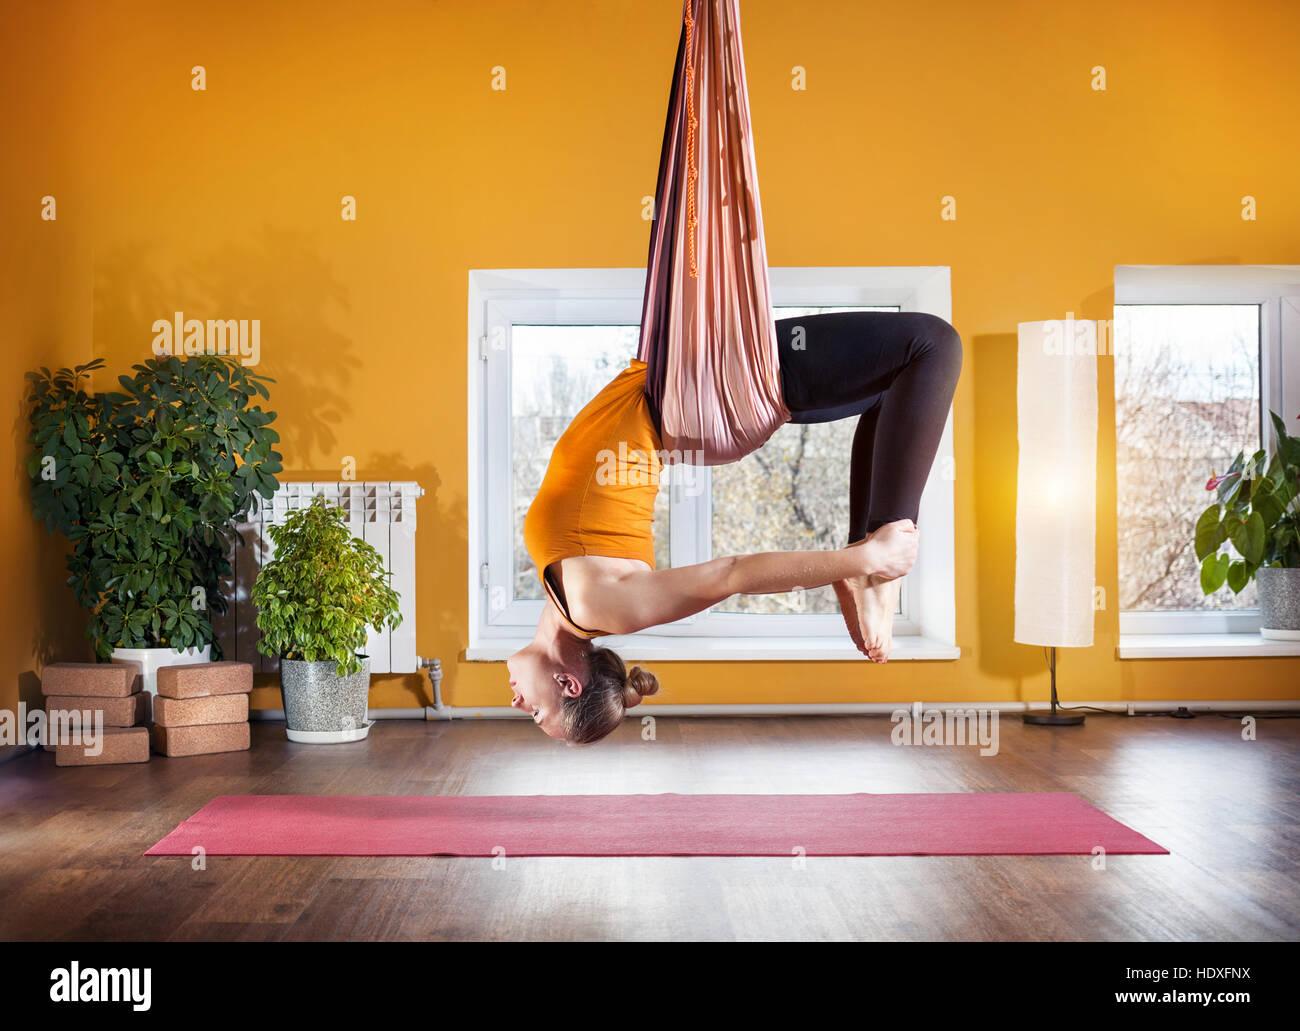 Mujer joven haciendo antigravity yoga posición de flexión hacia atrás en el studio con paredes amarillas Imagen De Stock